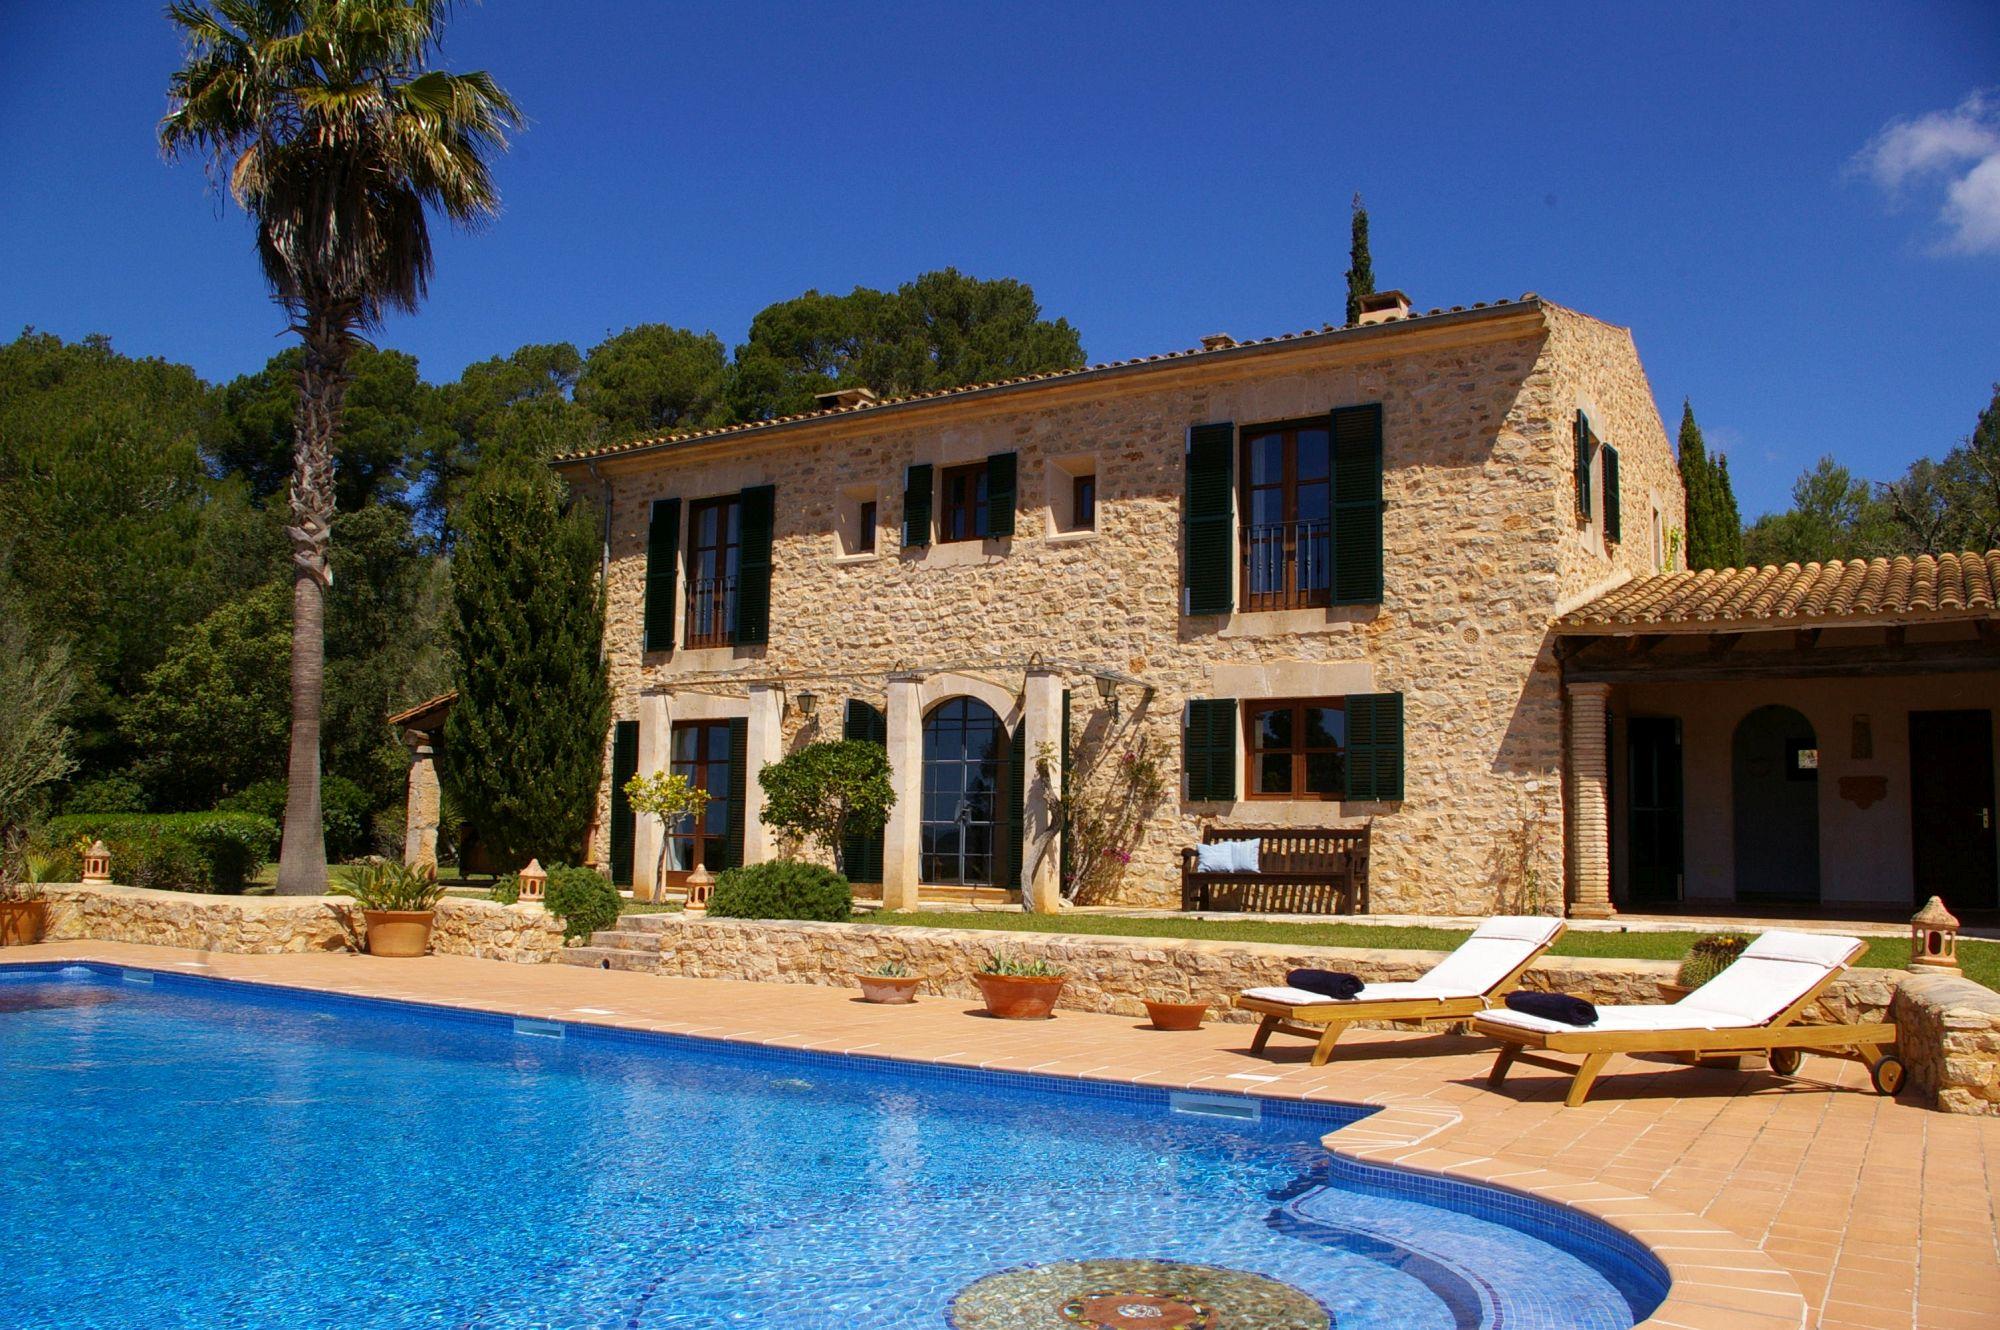 Finca zu mieten im Süden Mallorcas